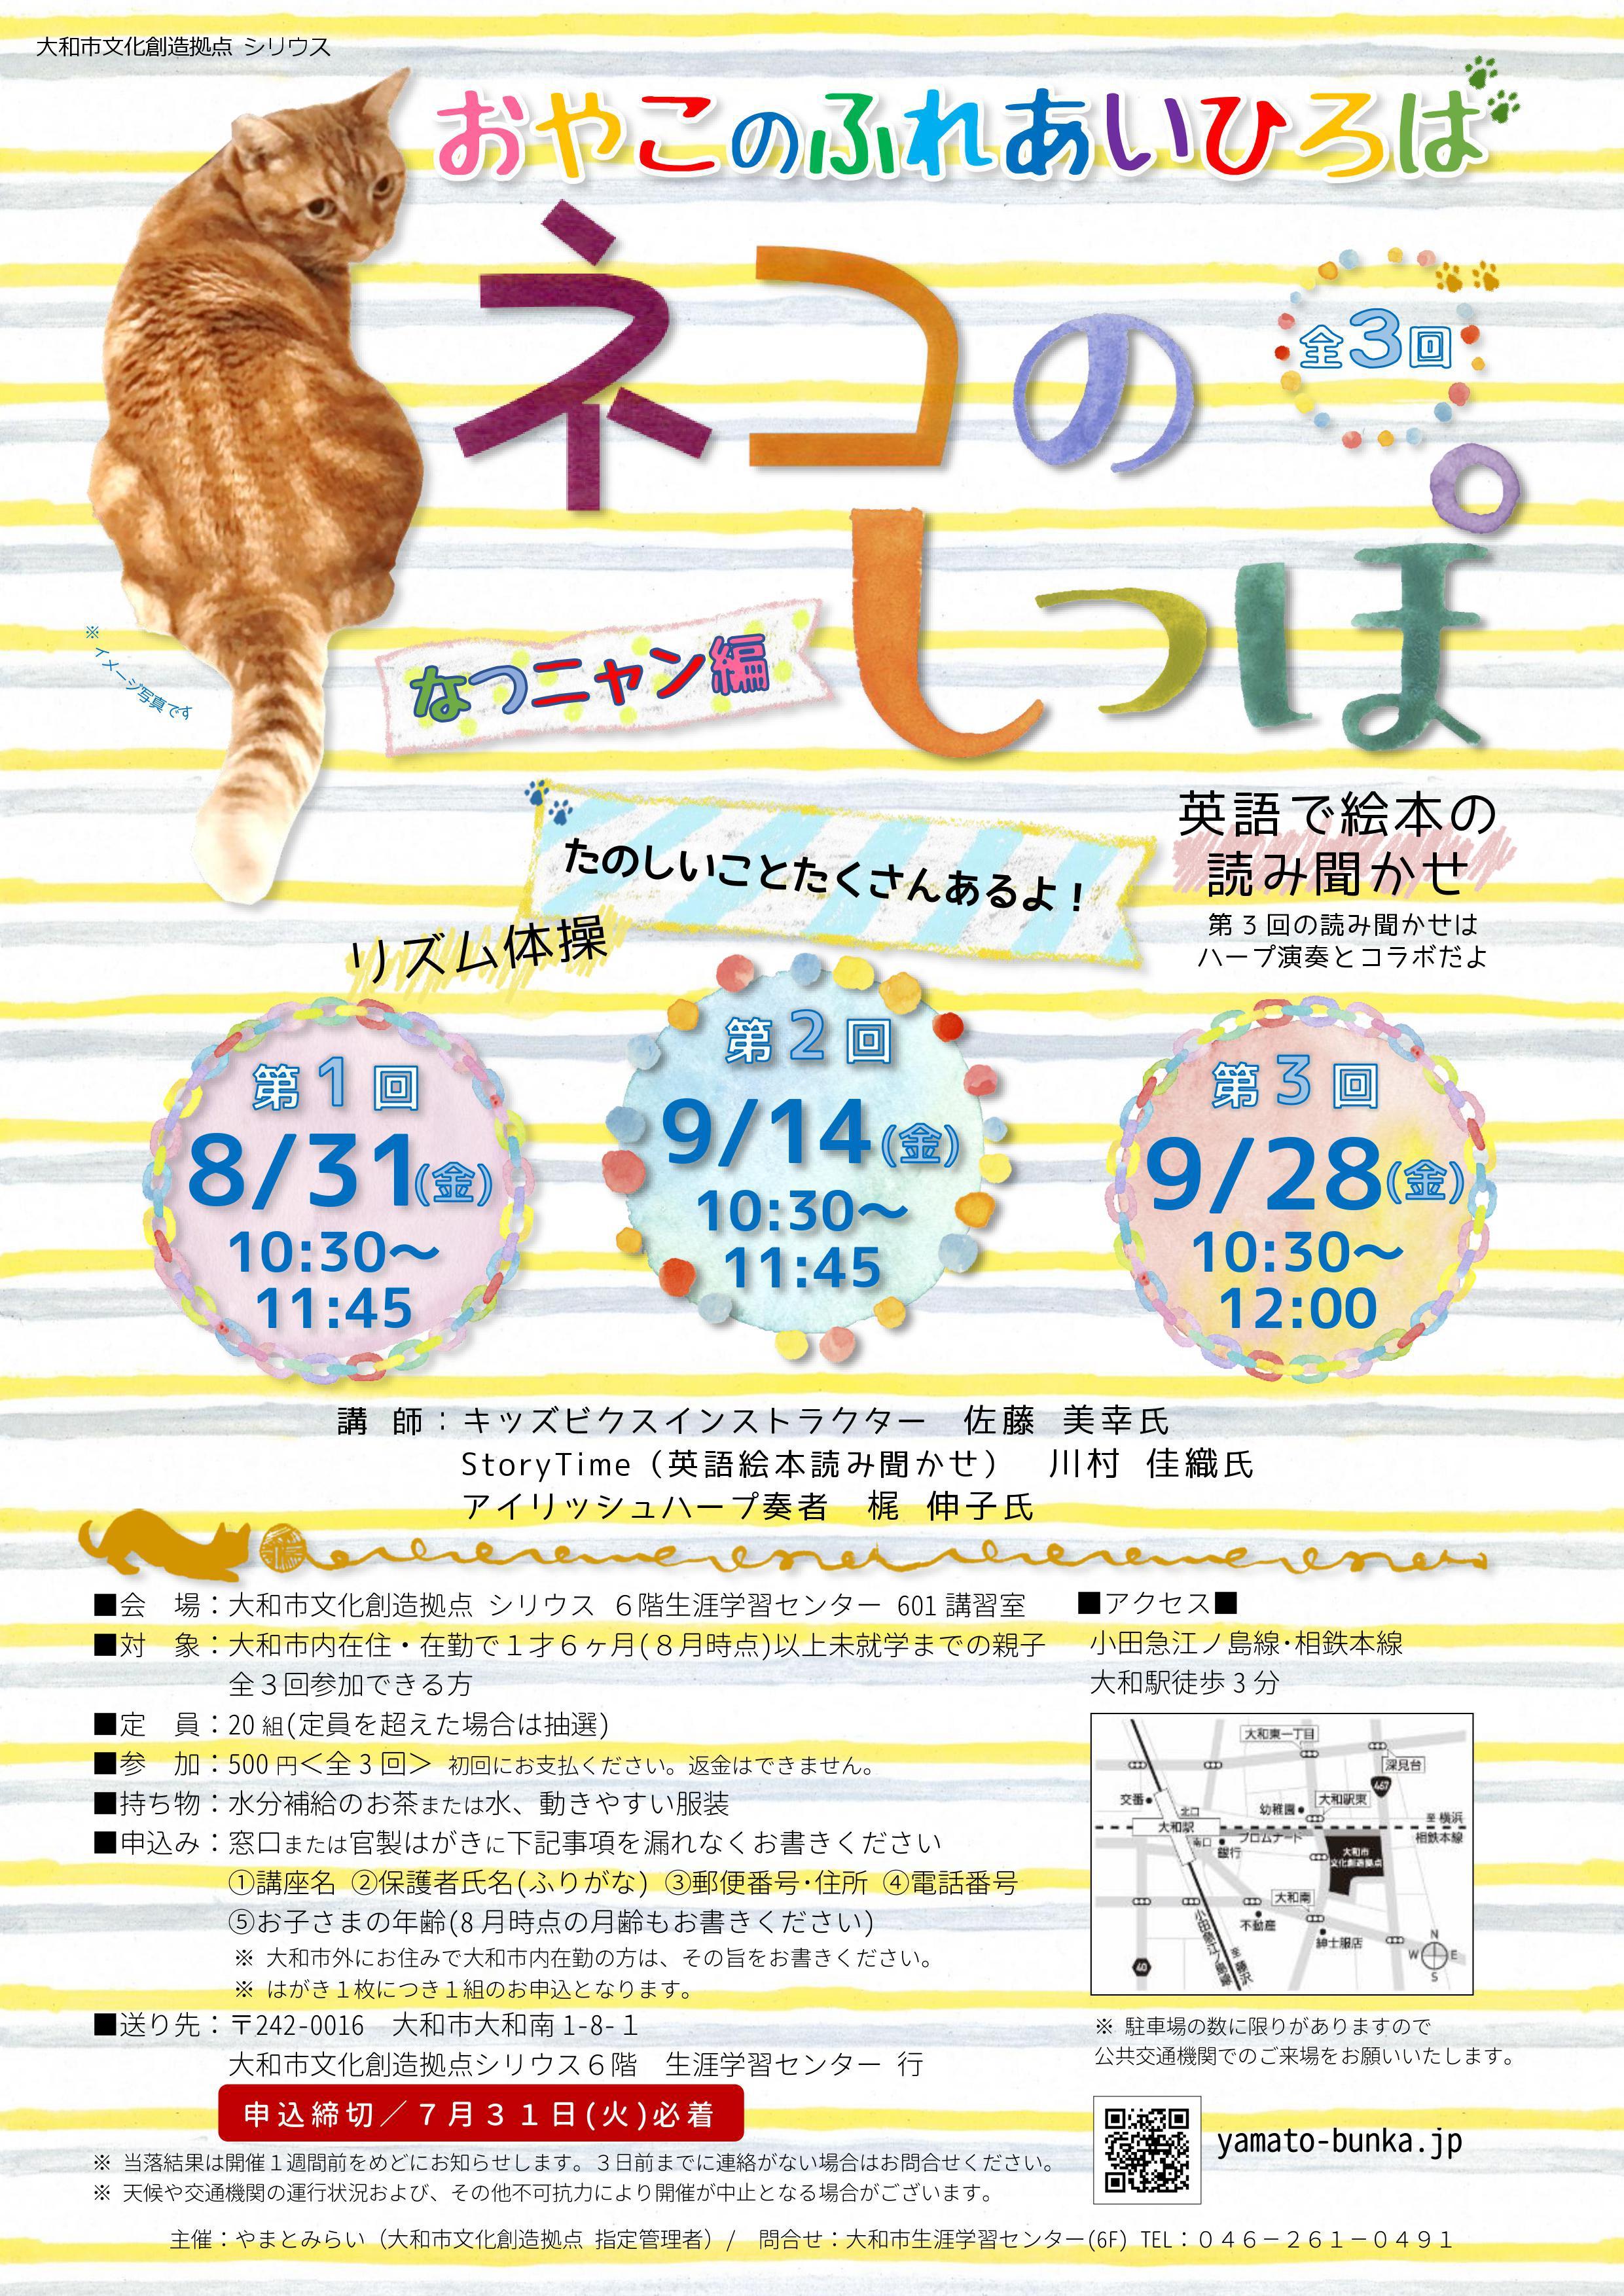 親子のふれあい広場「ネコのしっぽ~なつニャン編」